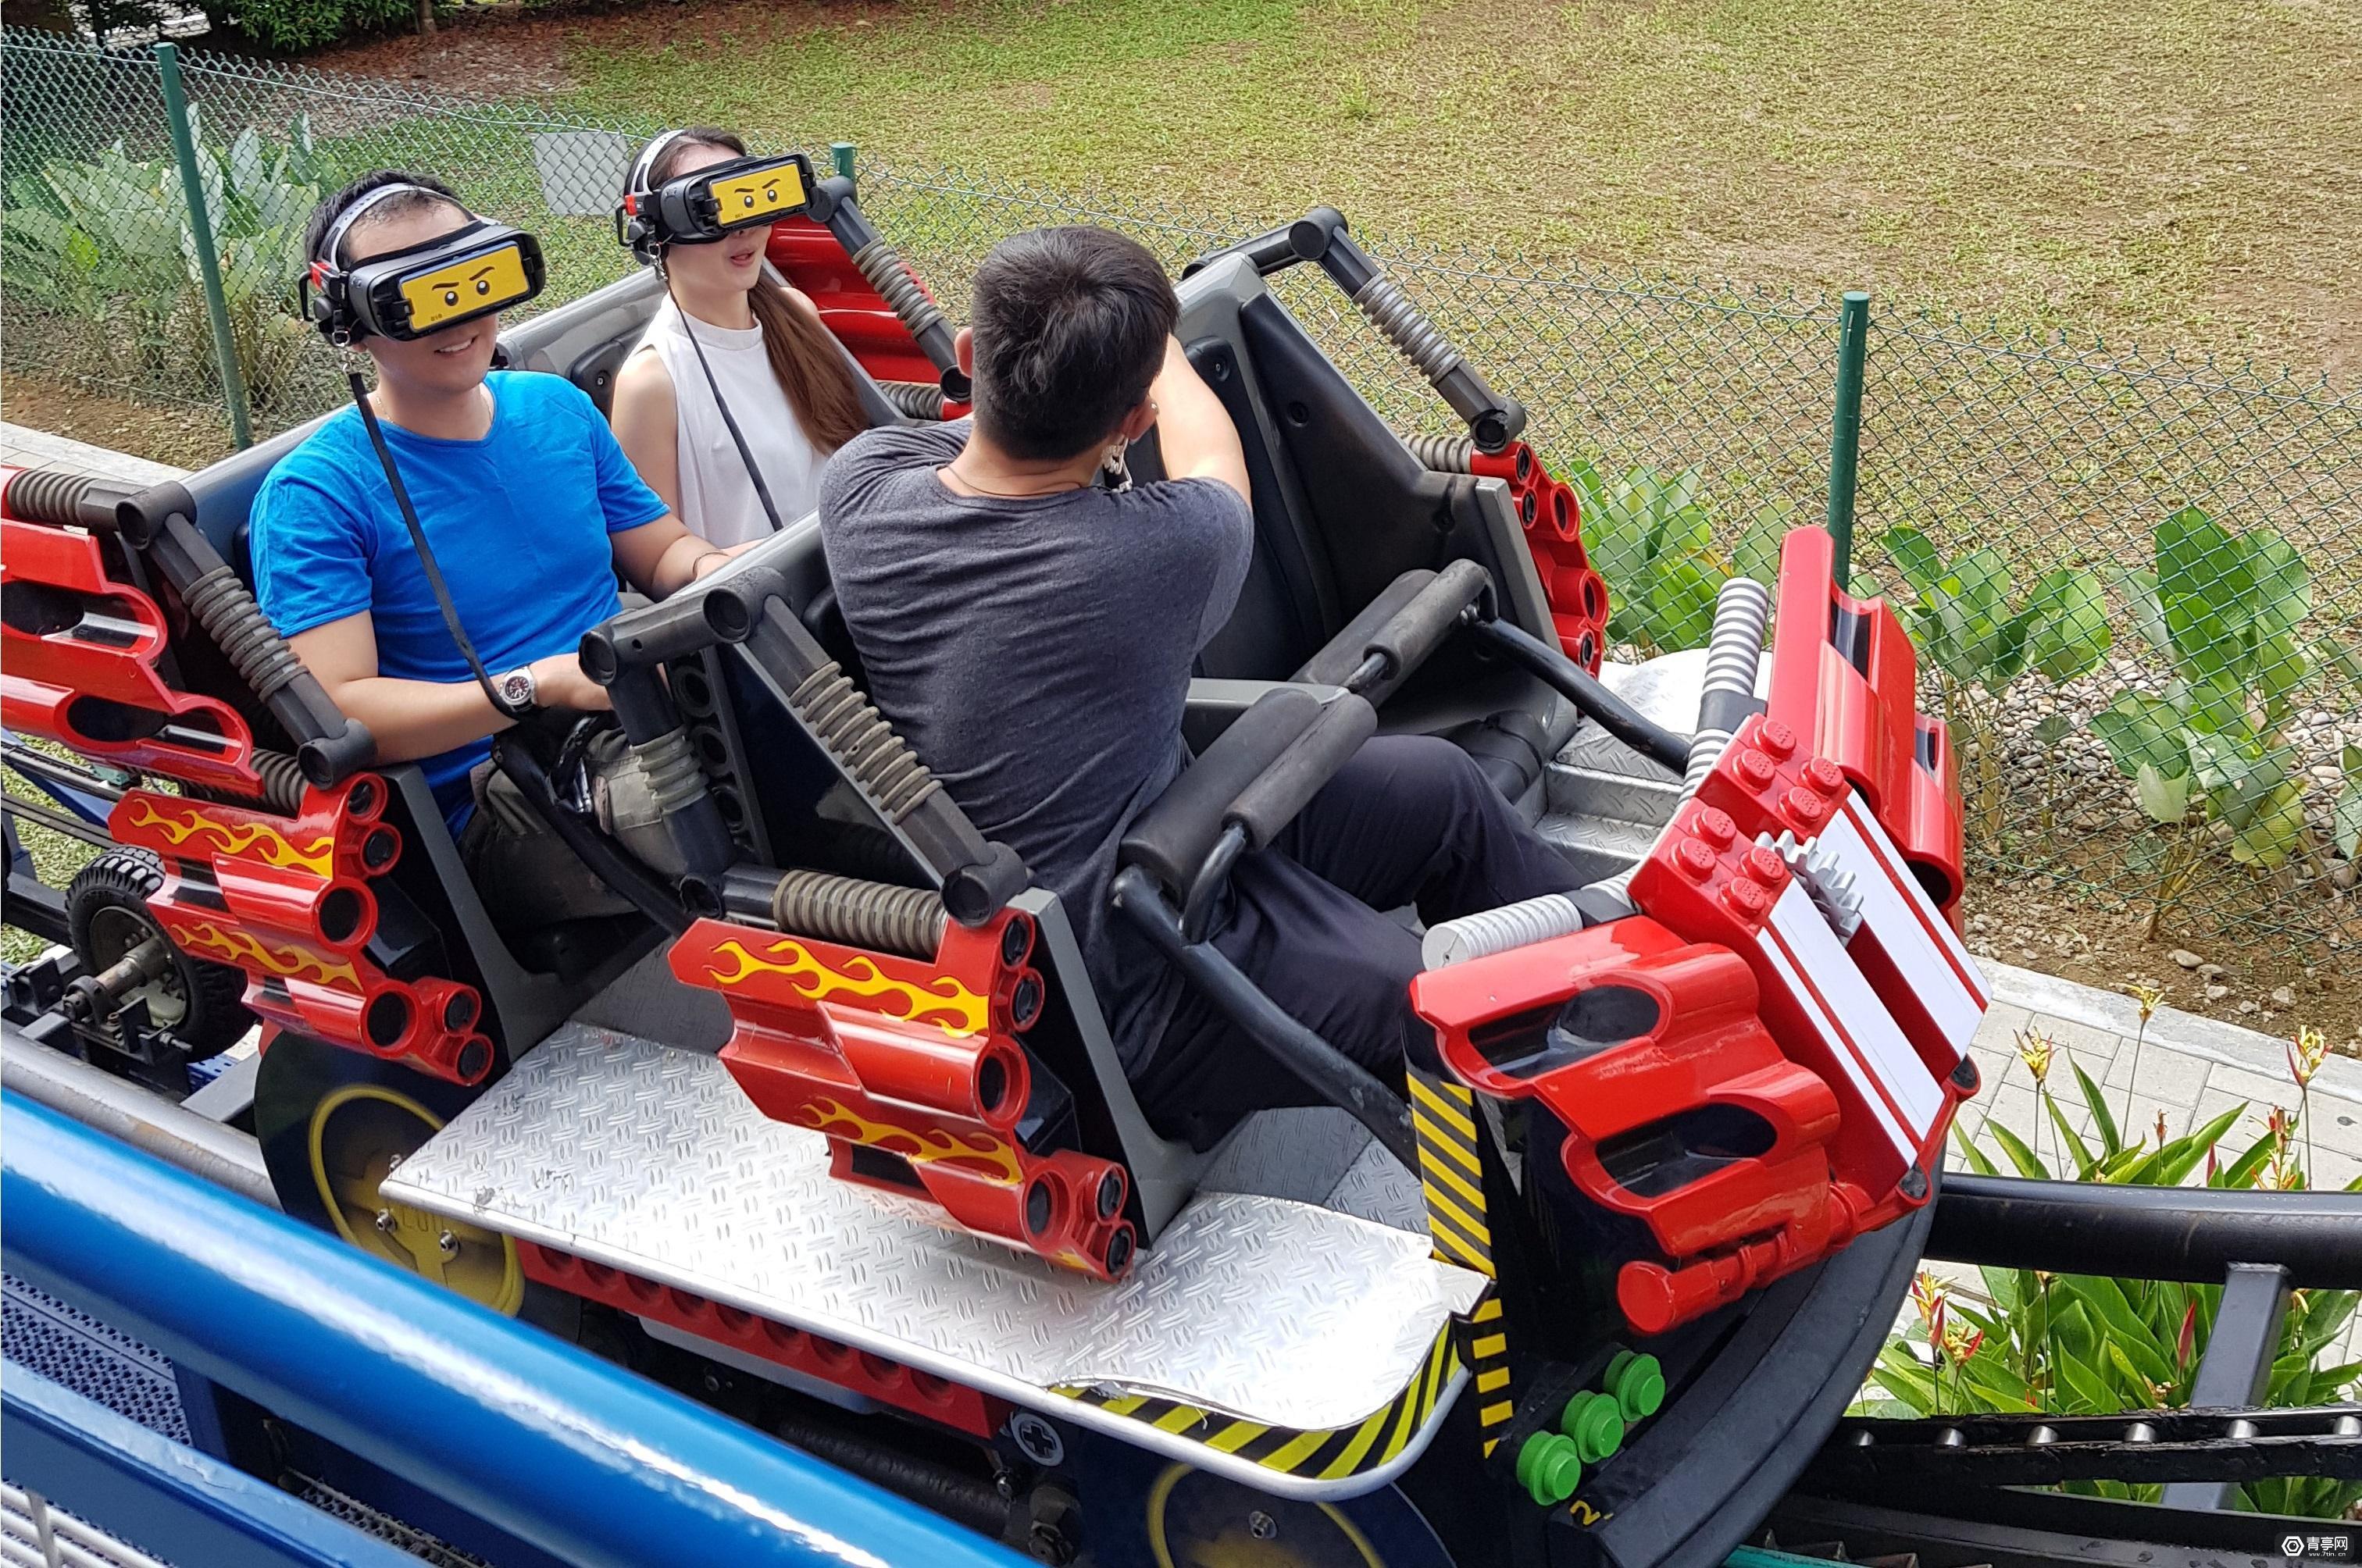 马来西亚乐高乐园将VR与过山车结合,主打儿童娱乐